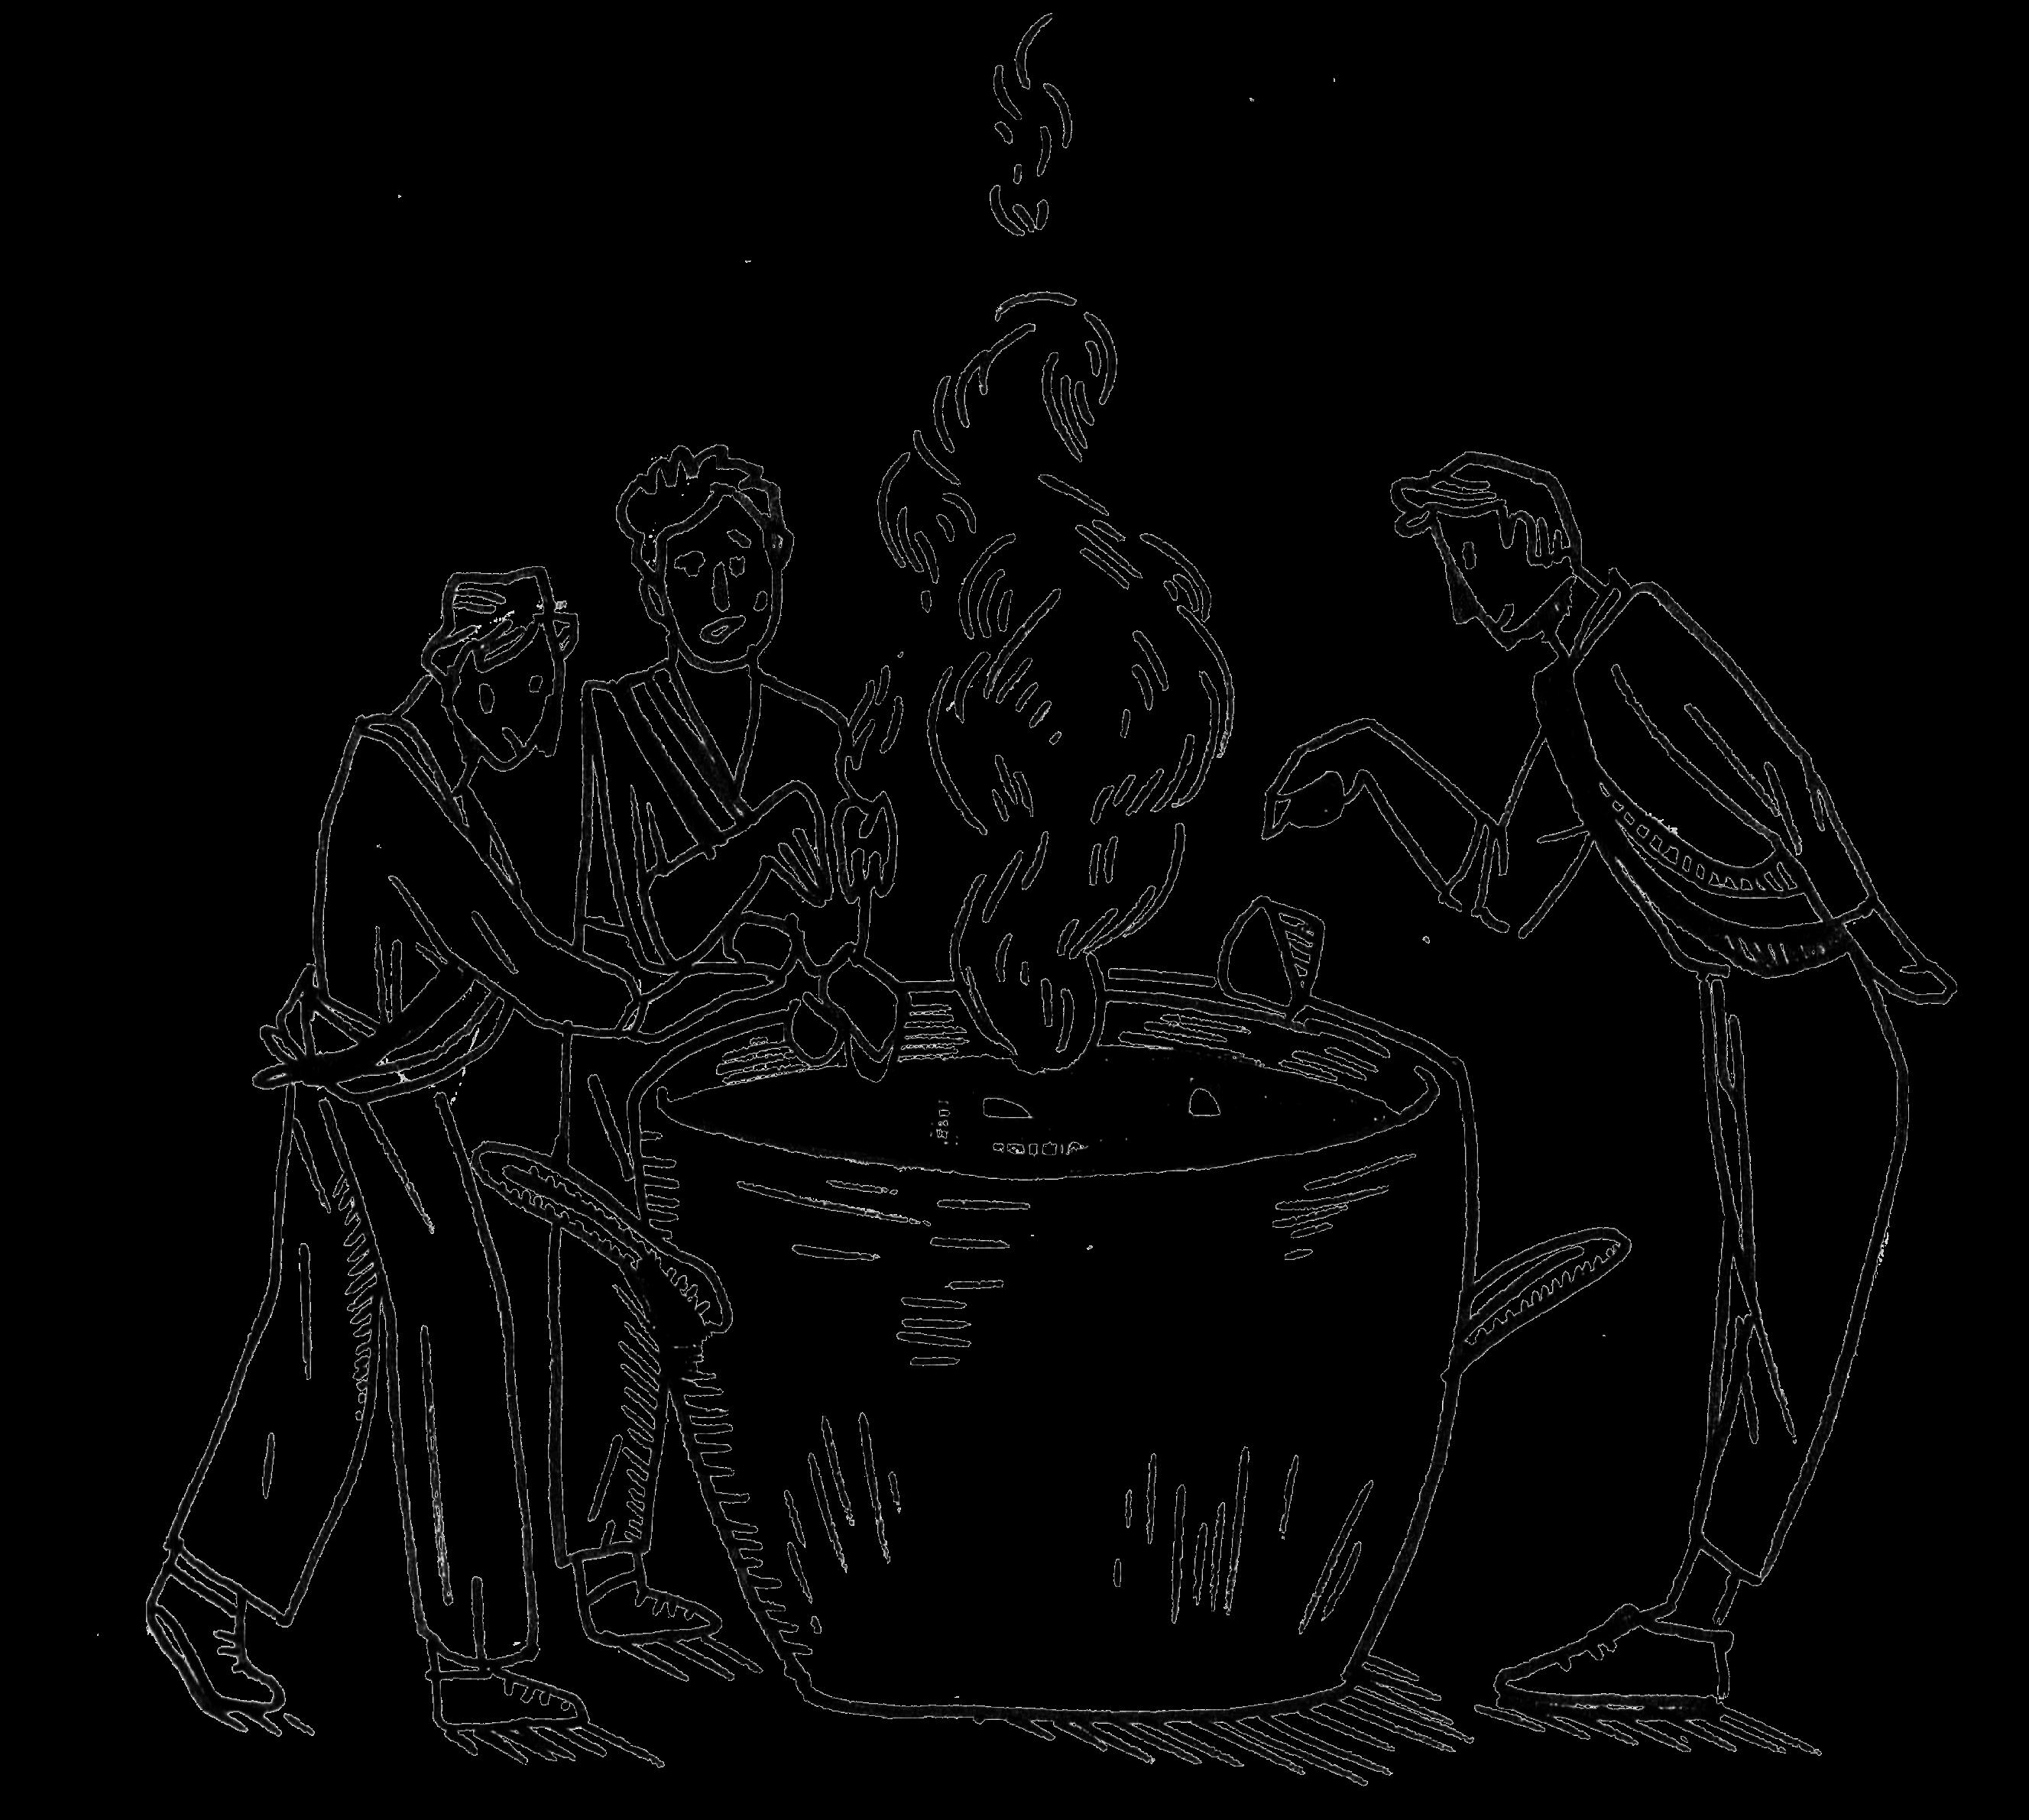 Élus/élues en transition. Onze façons de les accommoder. Programme (Dé)formations